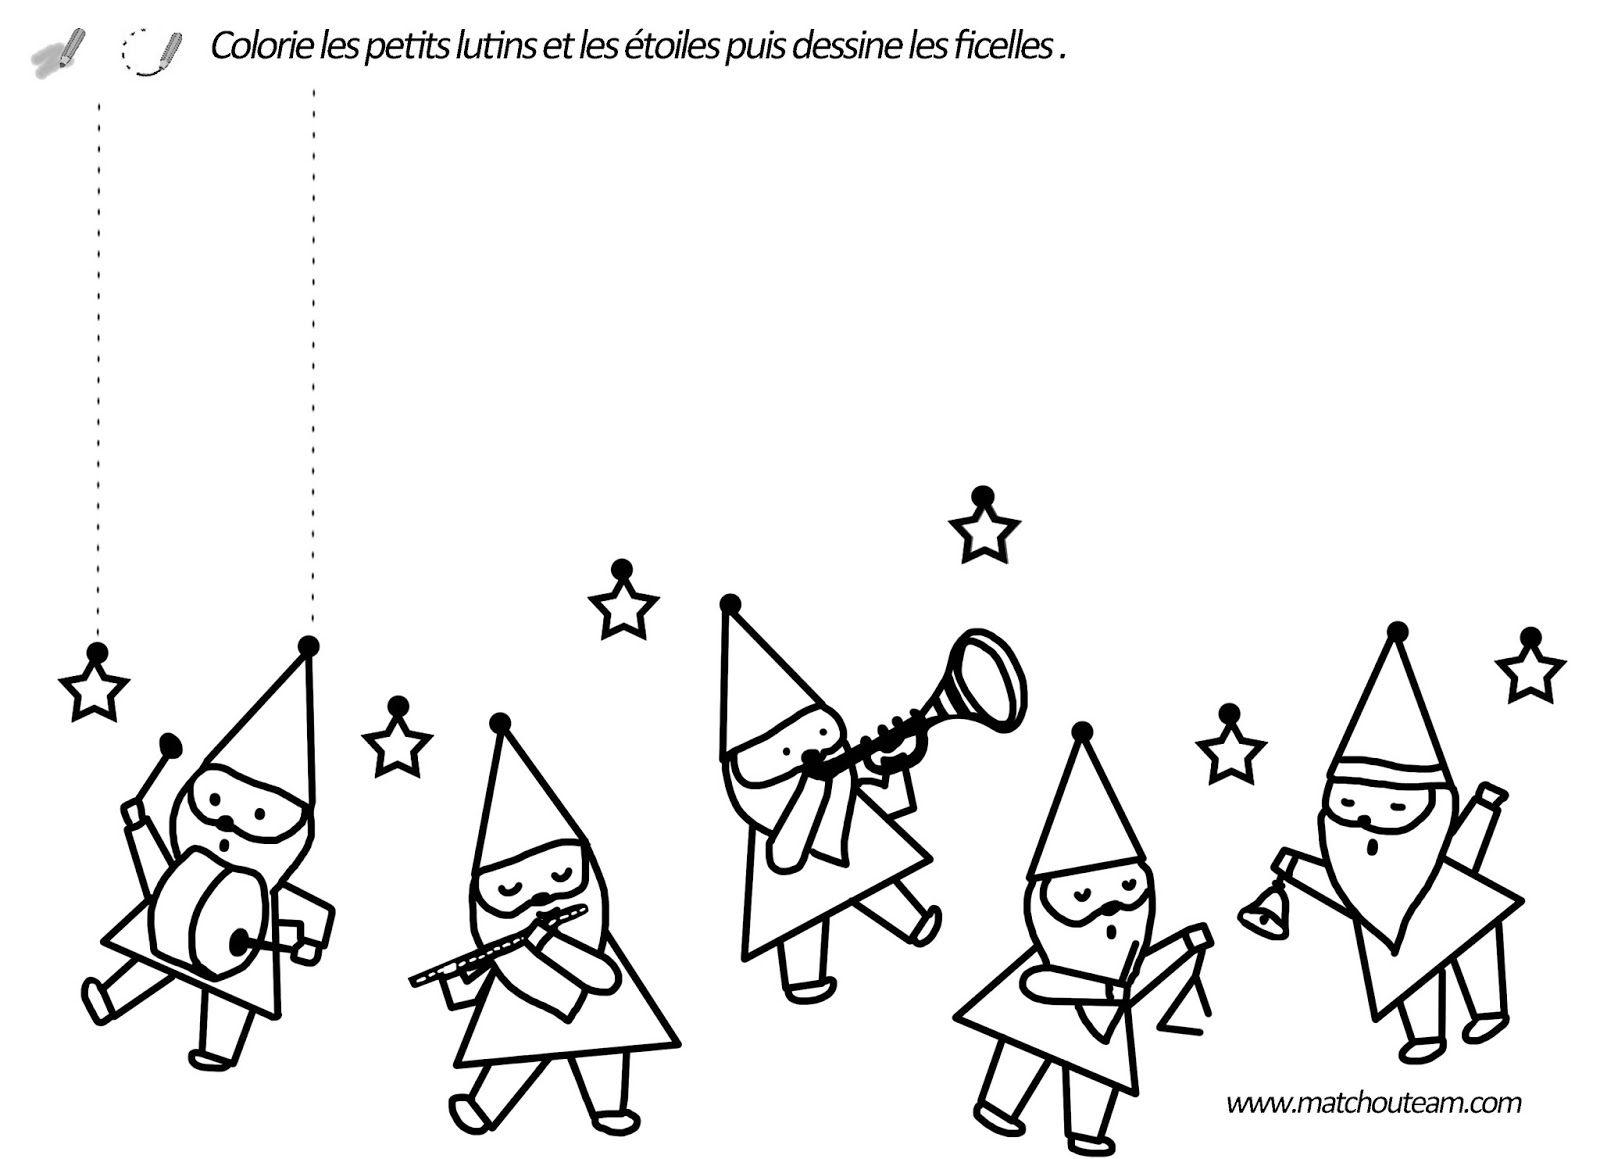 Extrêmement fiches petite section noël | Noël | Pinterest | Fiches, Noël et Marche YT26